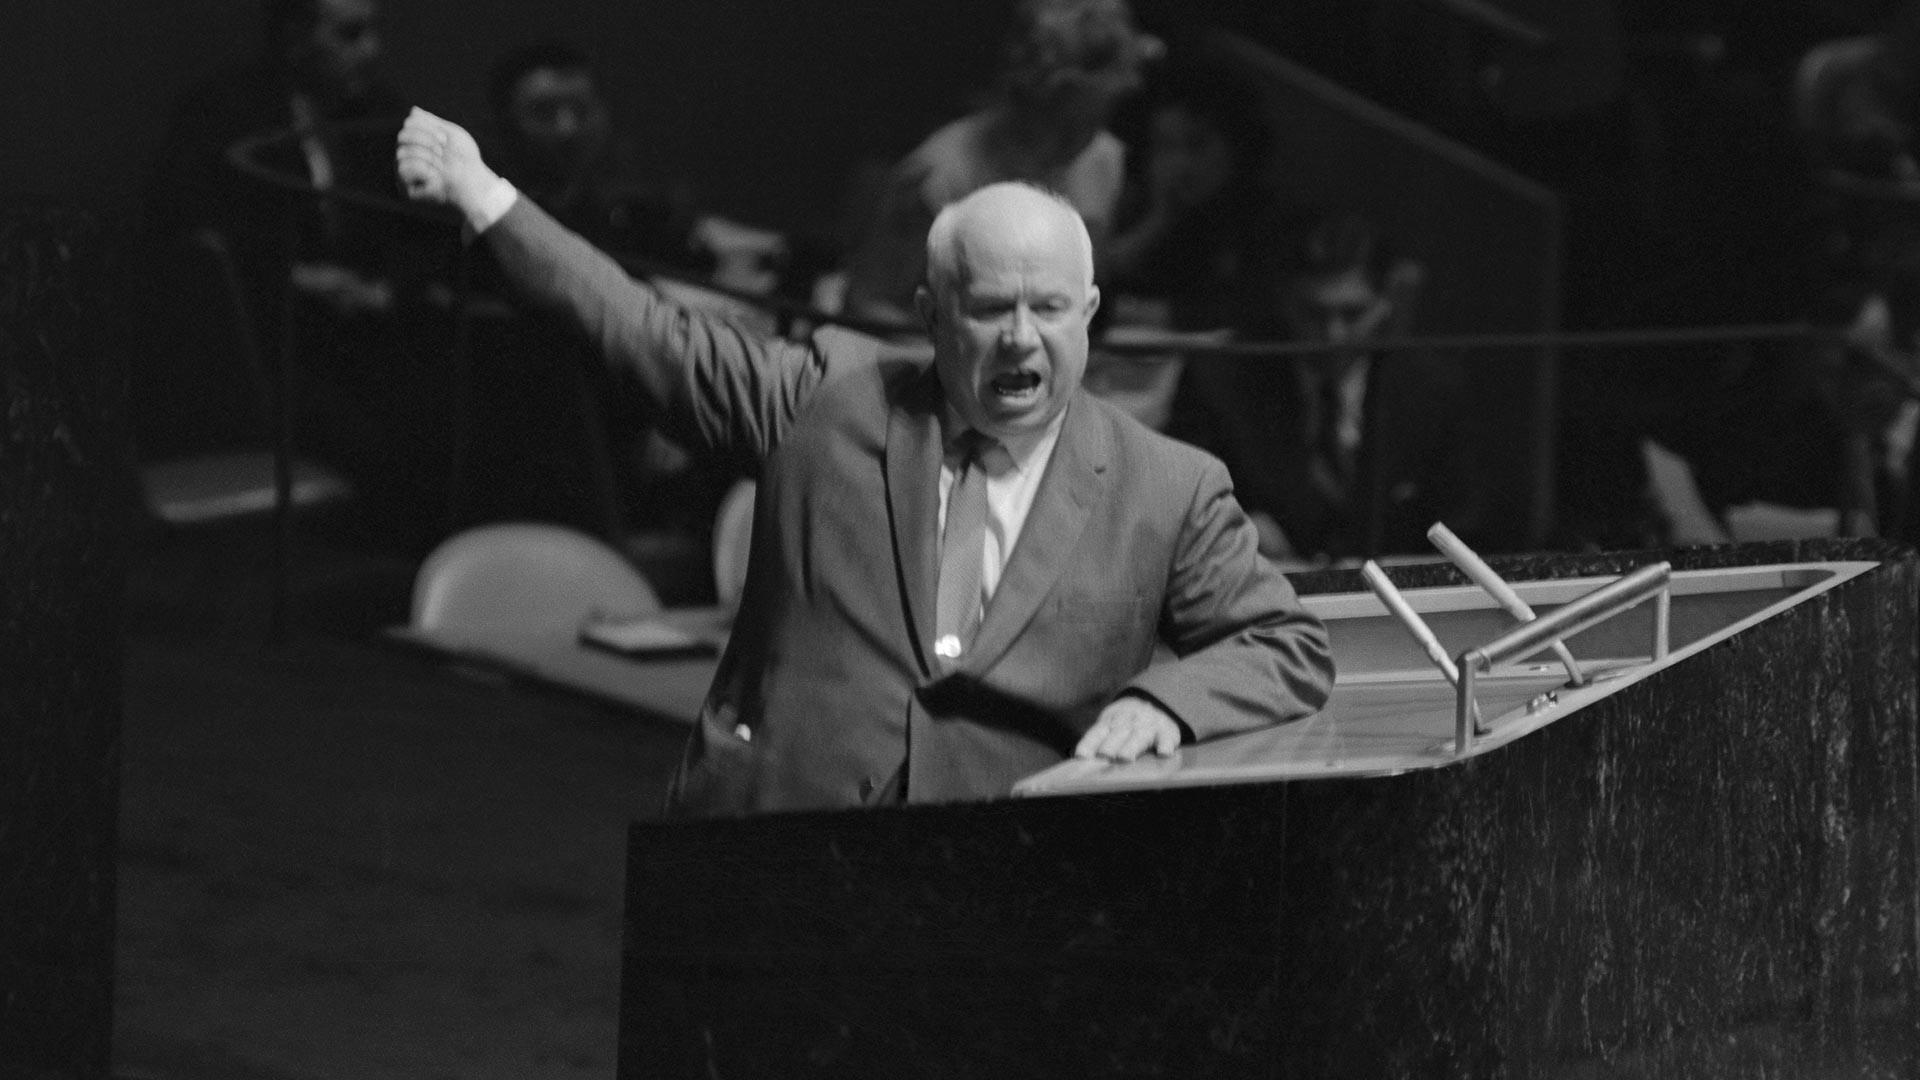 Совјетски лидер Никита Хрушчов гестикулира и виче за говорницом Генералне скупштине УН, тражећи од председавајућег Фредерика Боланда да одузме реч Лоренцу Сумулонгу са Филипина који је предлагао да СССР изврши деколонизацију Источне Европе. Генерална скупштина УН, 12. октобар 1960.